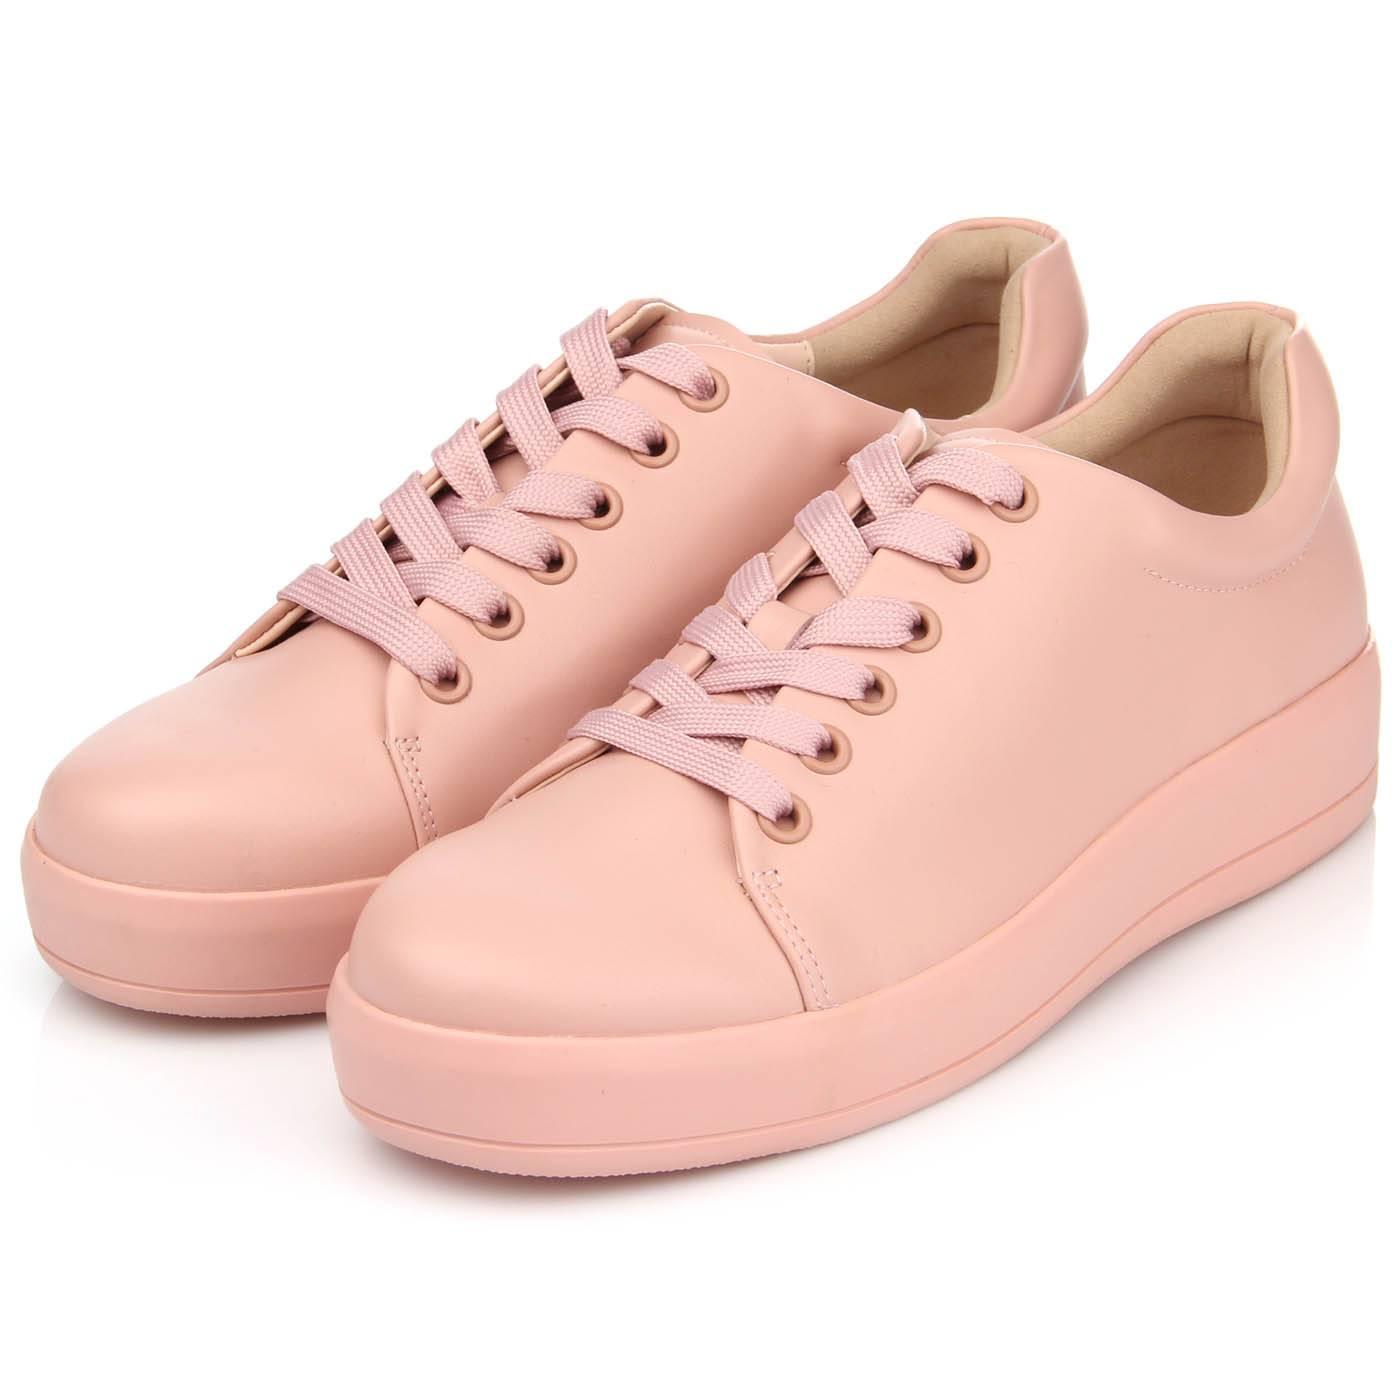 e51669a8 Кеды женские ditto 6467 Розовый купить по выгодной цене в интернет ...